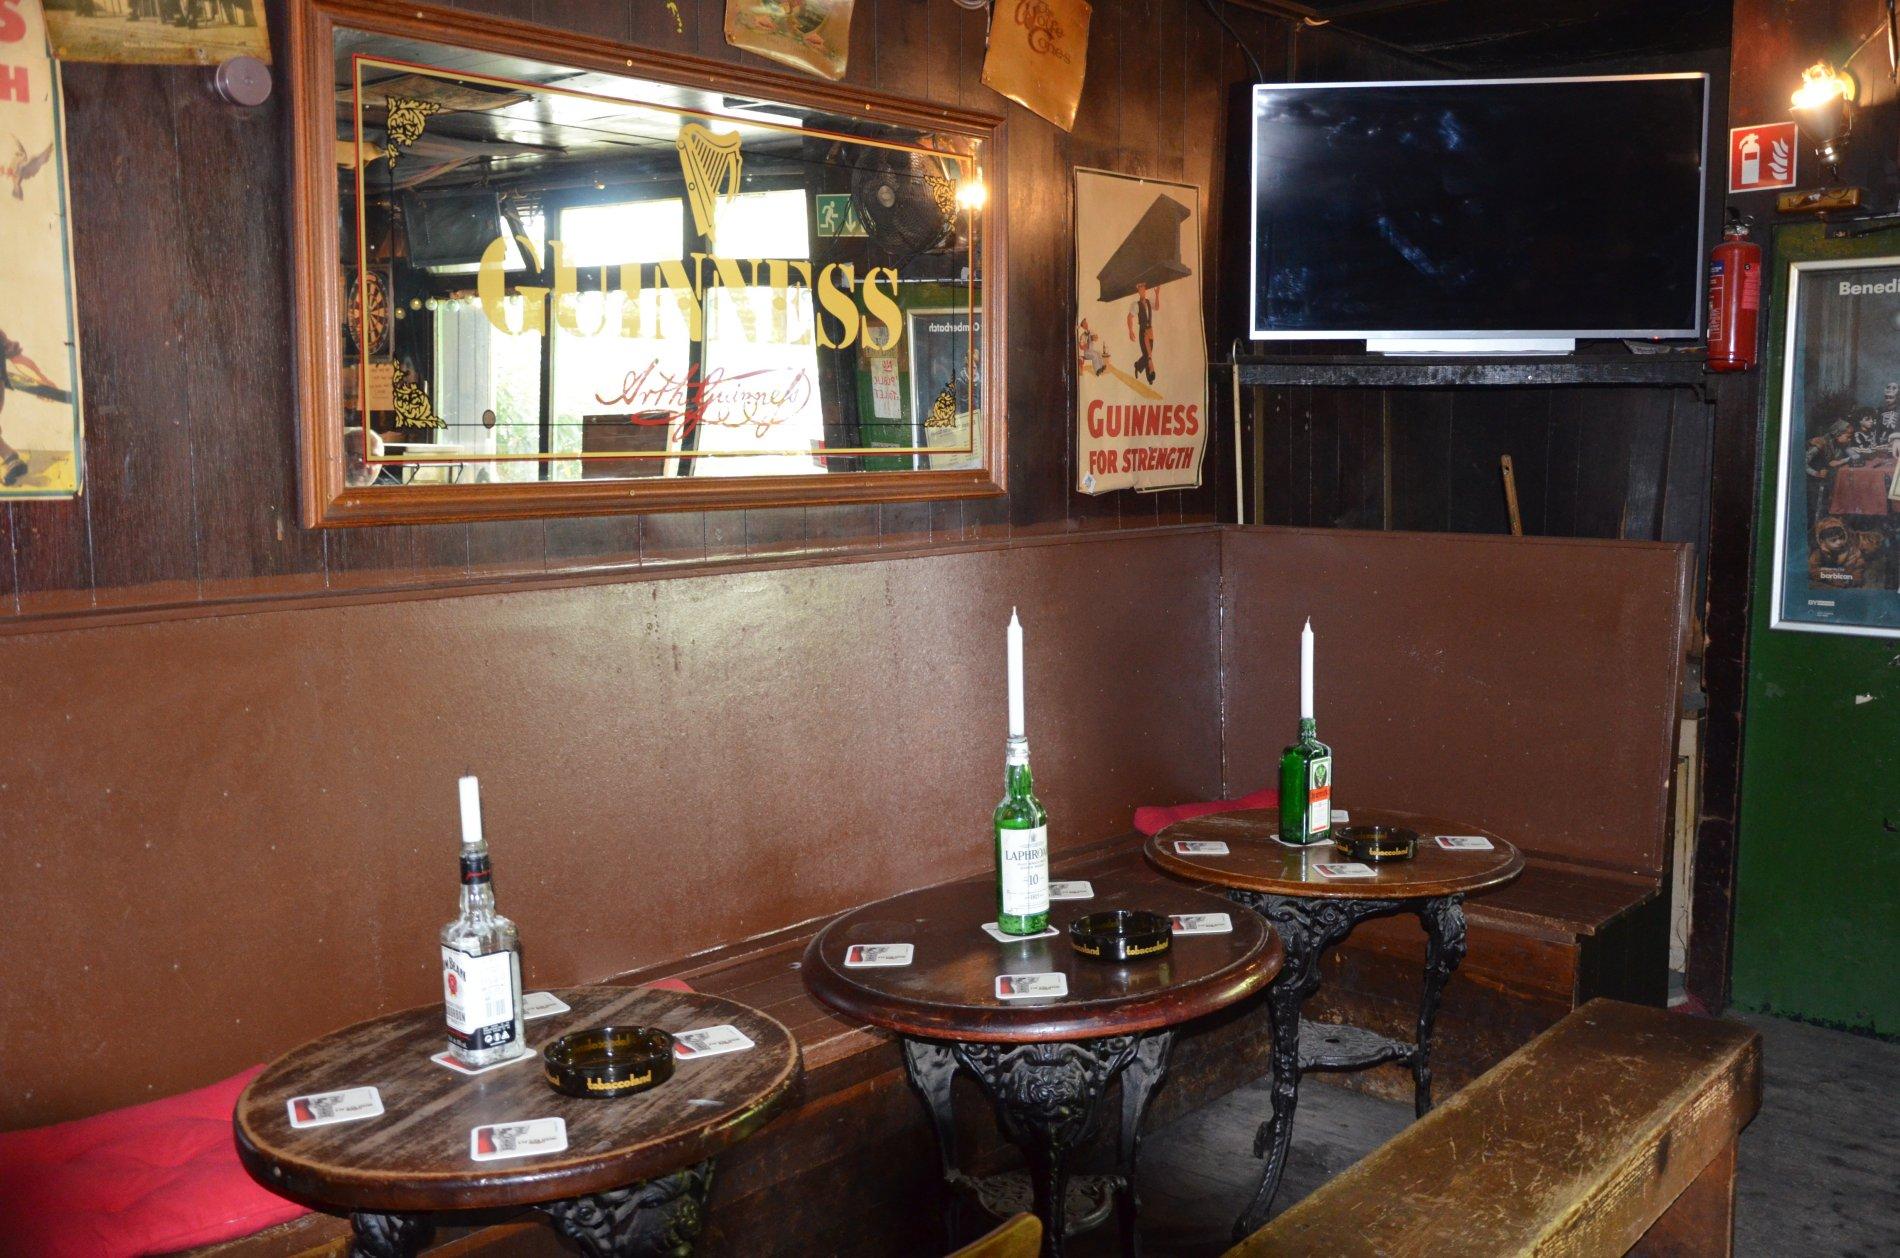 Das Shamrock - ein irischer Pub mit Geschichte und Tradition